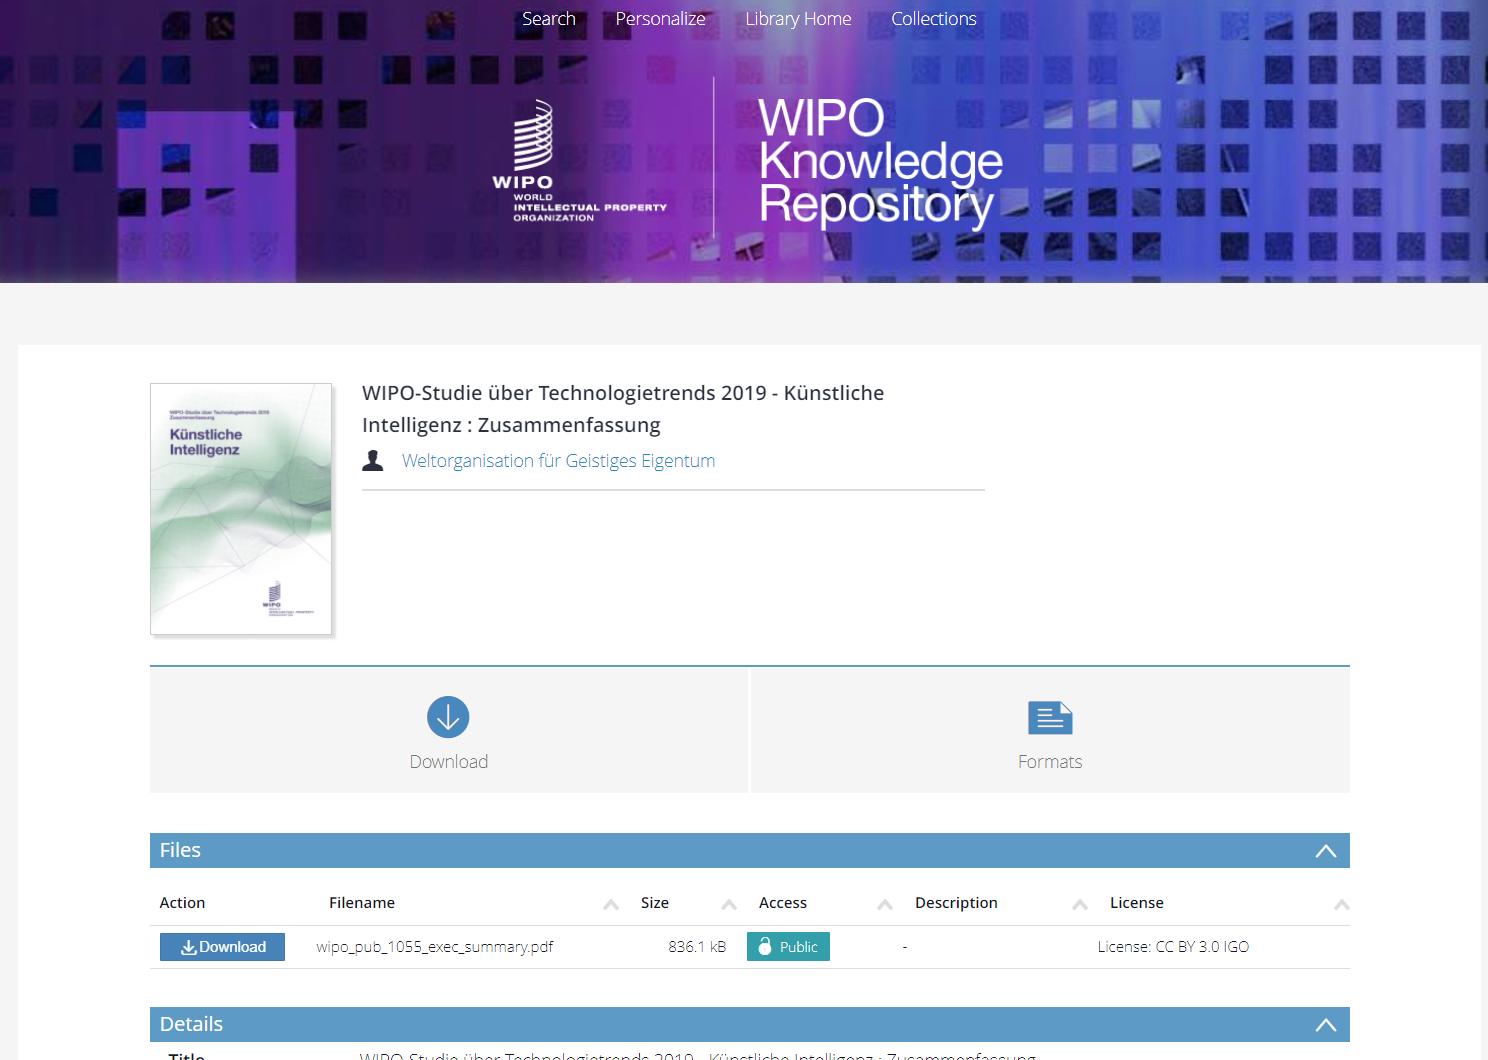 WIPO-Studie über Technologietrends 2019 – Künstliche Intelligenz : Zusammenfassung